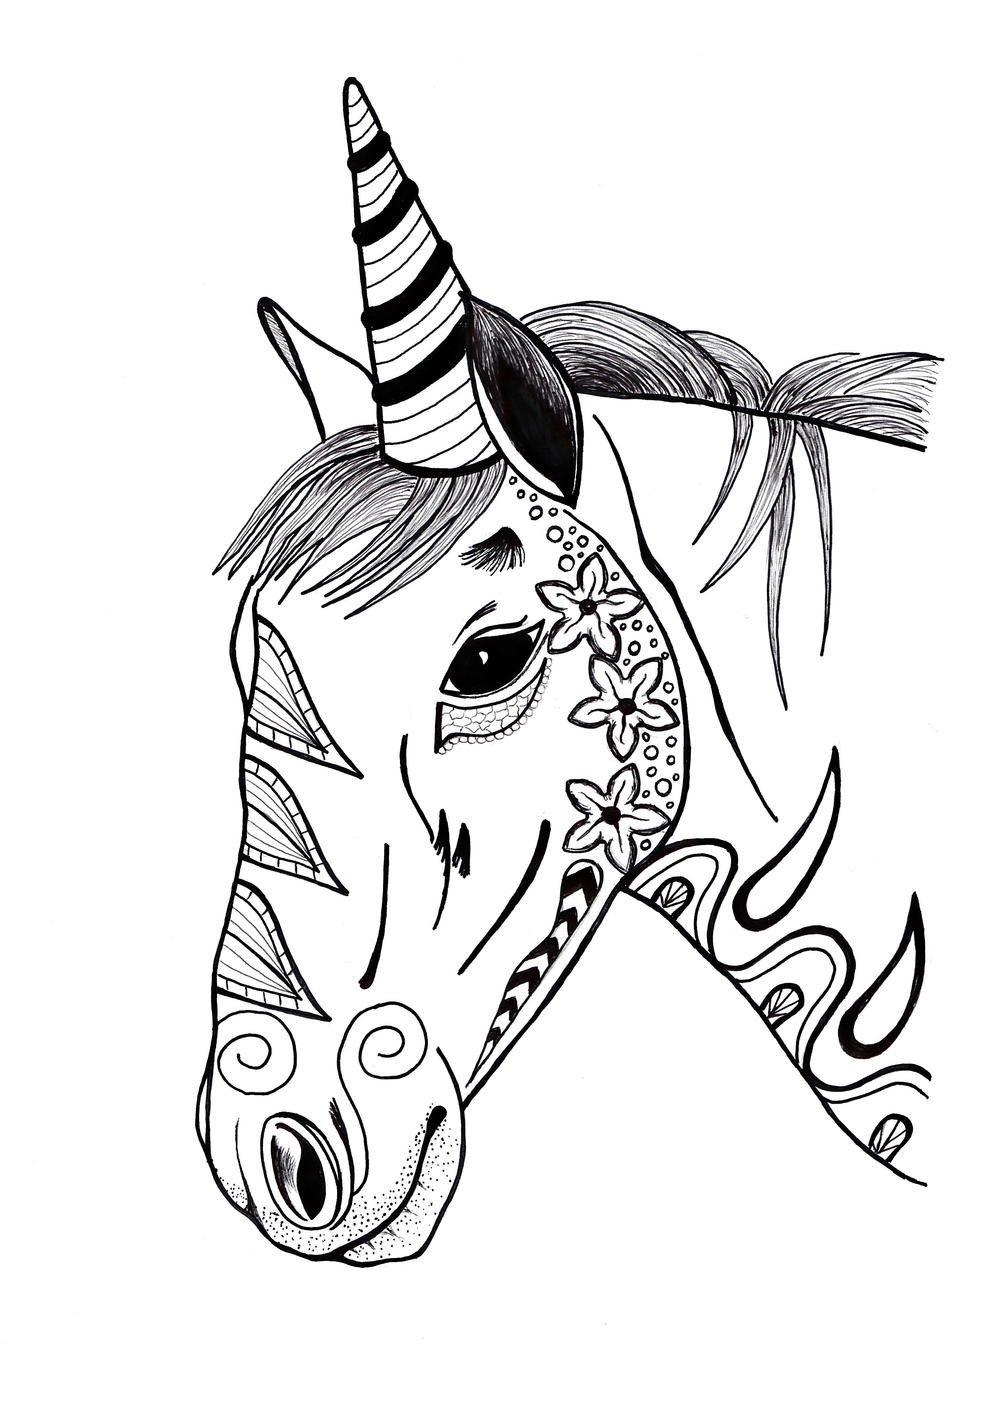 Unicorn Coloring Page (PDF Download) | FaveCrafts.com